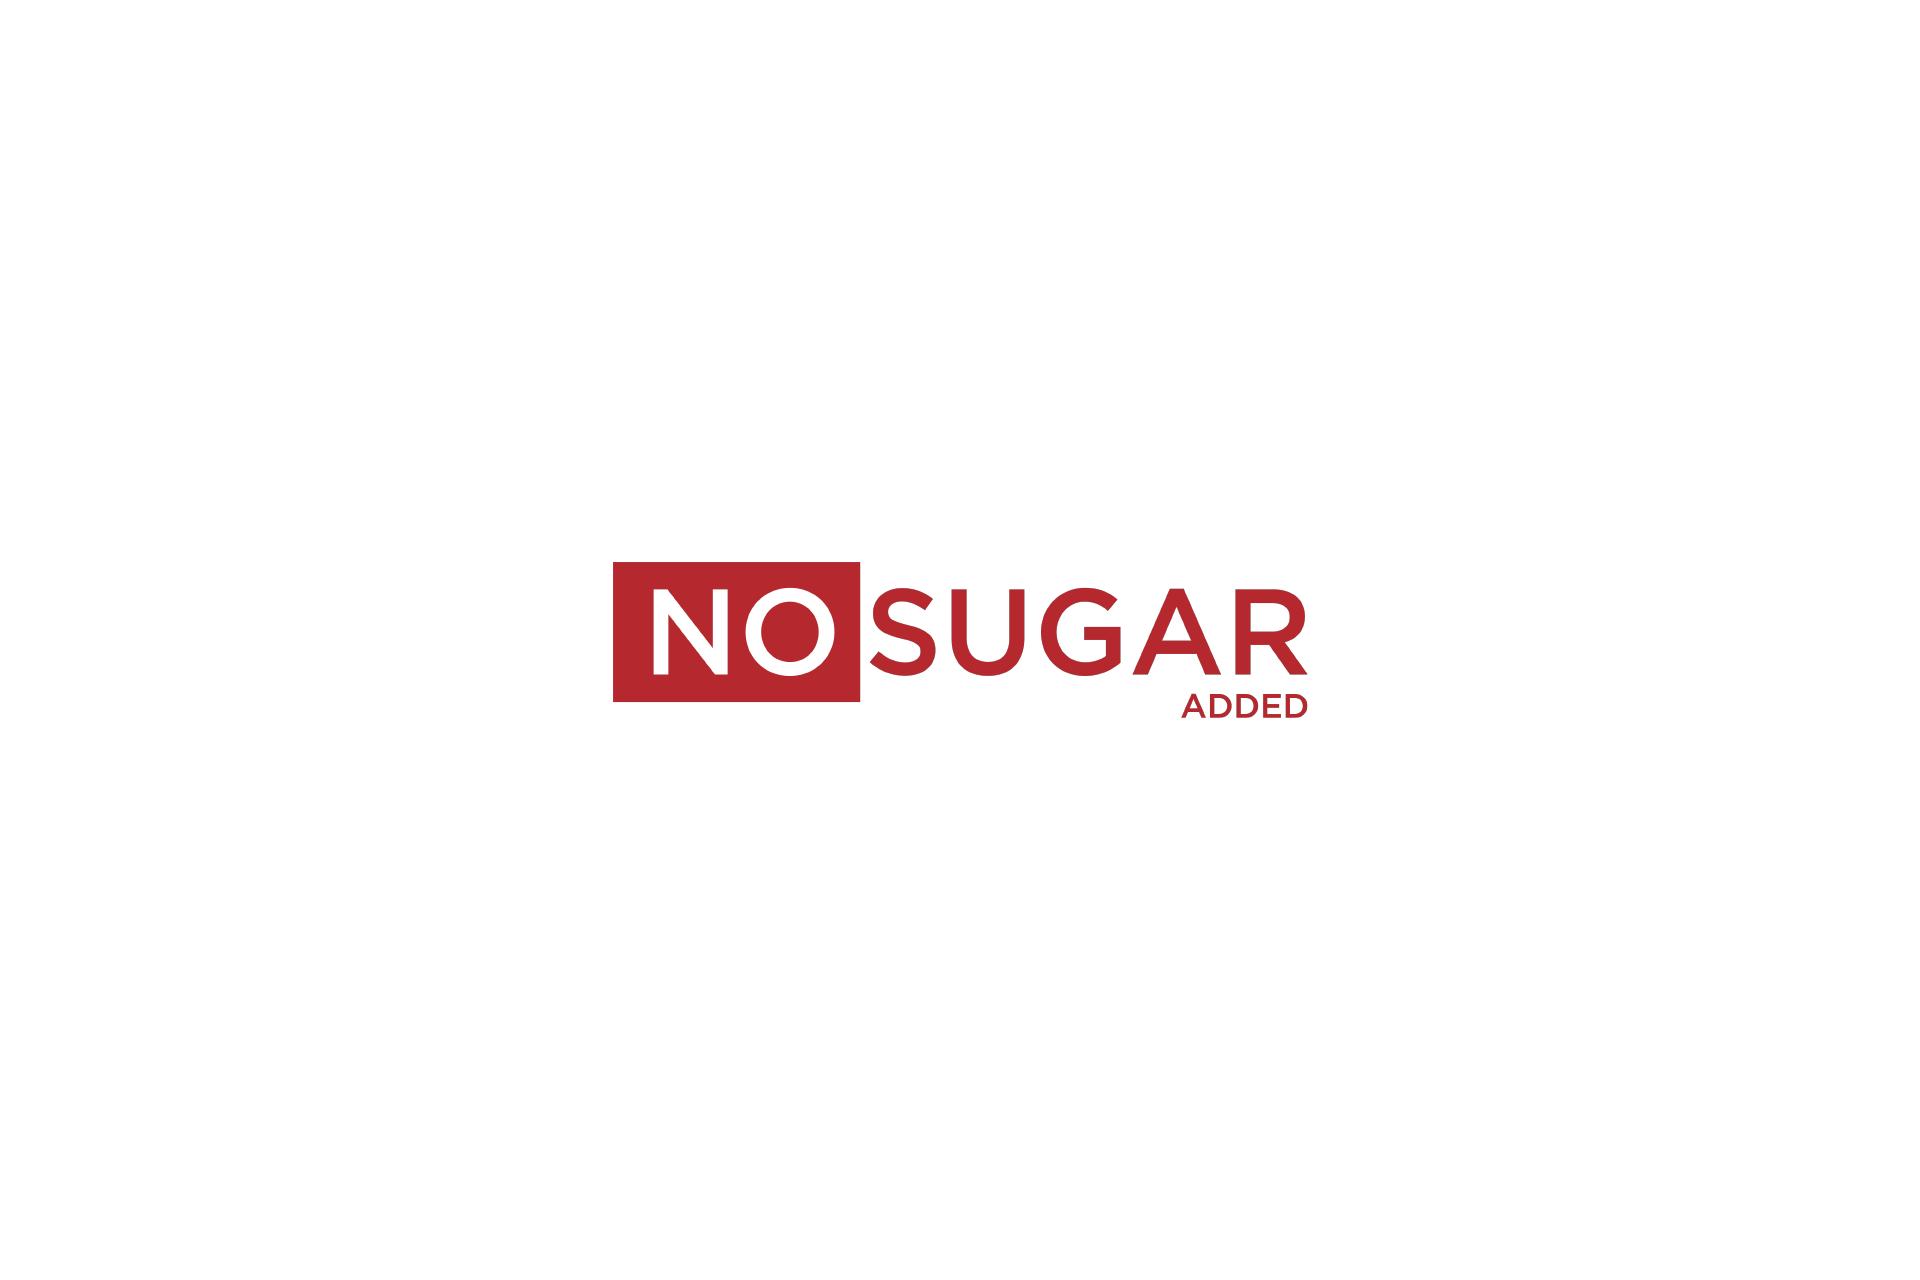 genh-logos-nosugaradded.png